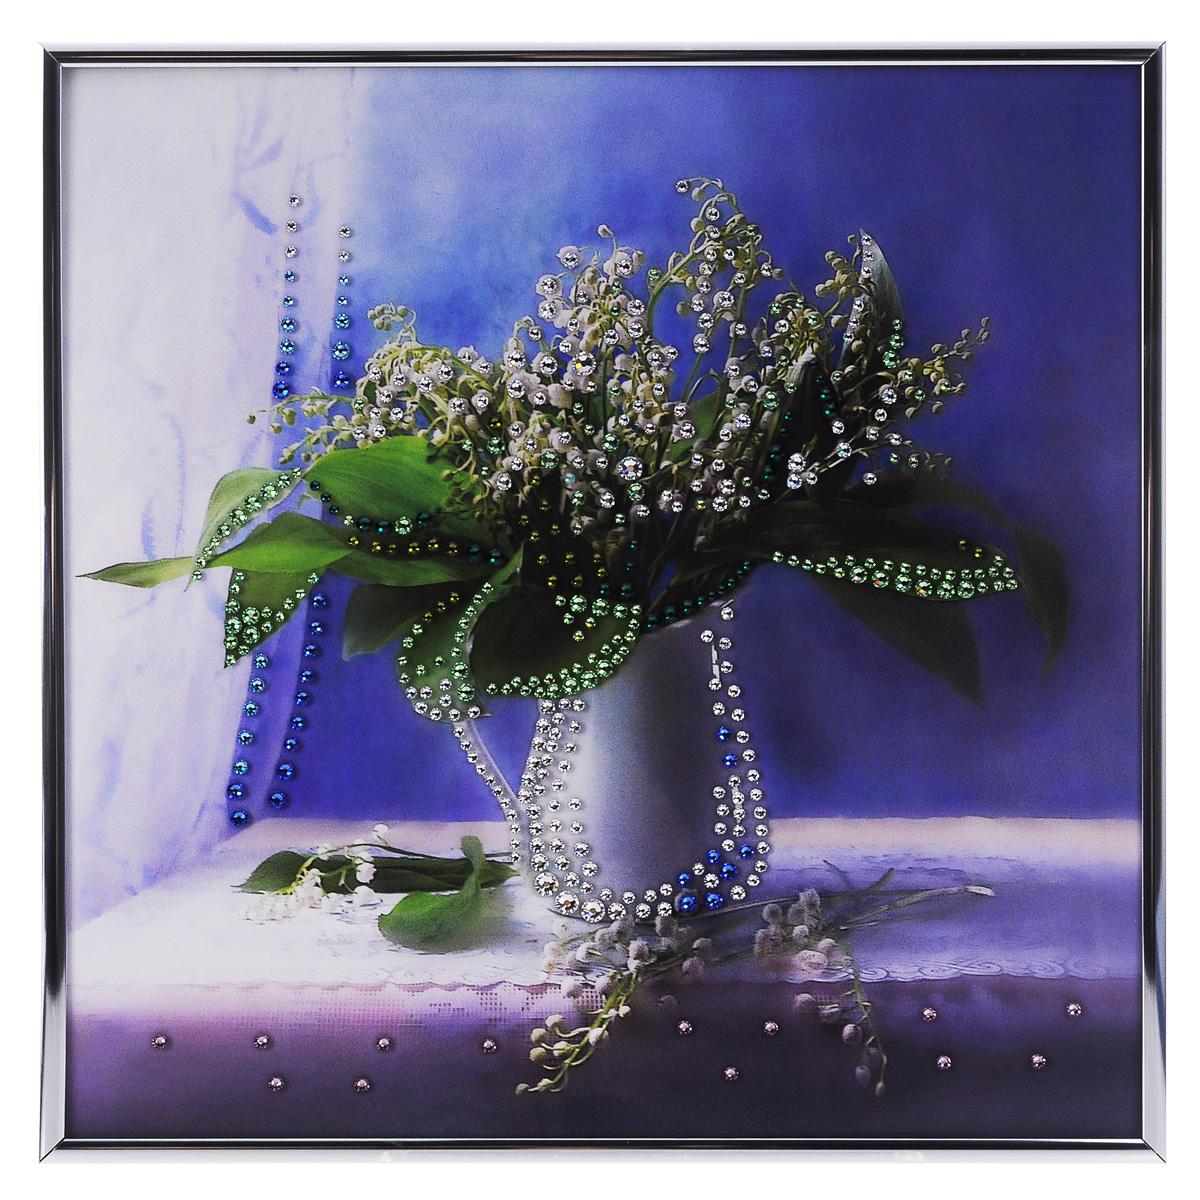 Картина с кристаллами Swarovski Ландыши, 30 см х 30 см1192Изящная картина в металлической раме, инкрустирована кристаллами Swarovski, которые отличаются четкой и ровной огранкой, ярким блеском и чистотой цвета. С обратной стороны имеется металлическая петелька для размещения картины на стене. Картина с кристаллами Swarovski элегантно украсит интерьер дома или офиса, а также станет прекрасным подарком, который обязательно понравится получателю. Блеск кристаллов в интерьере, что может быть сказочнее и удивительнее. Картина упакована в подарочную картонную коробку синего цвета и комплектуется сертификатом соответствия Swarovski.